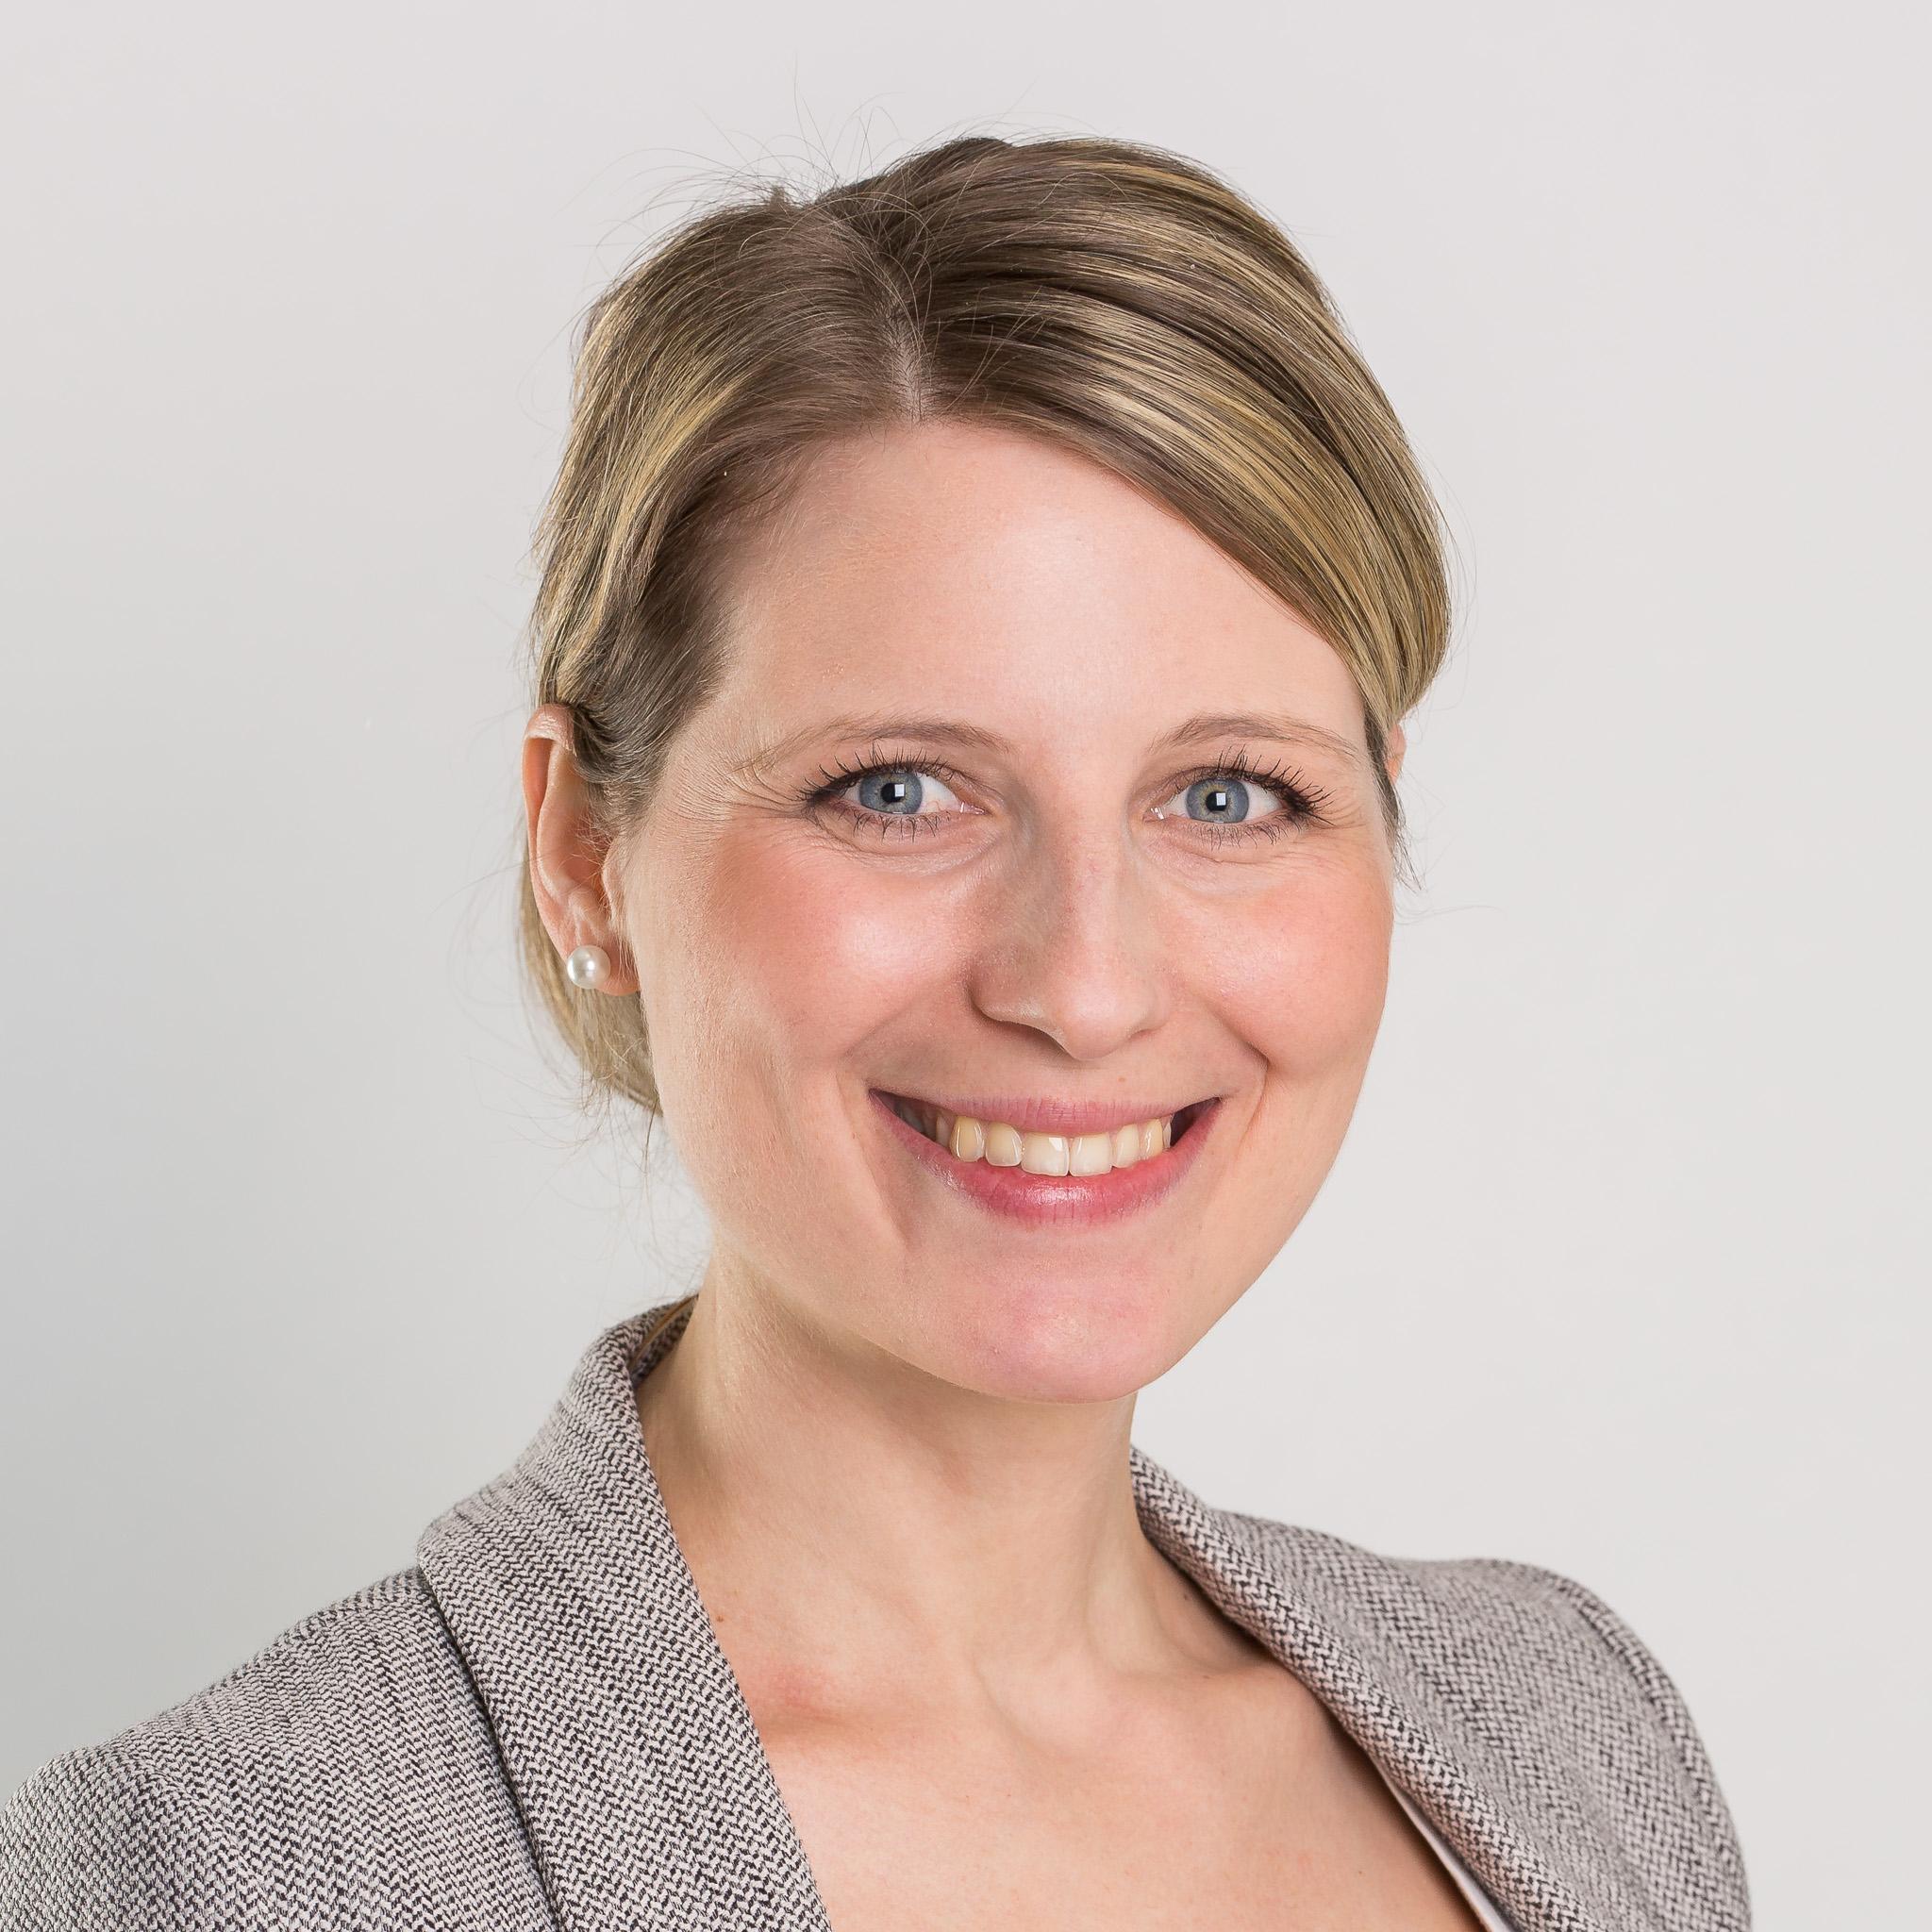 Eva Kubrichtova